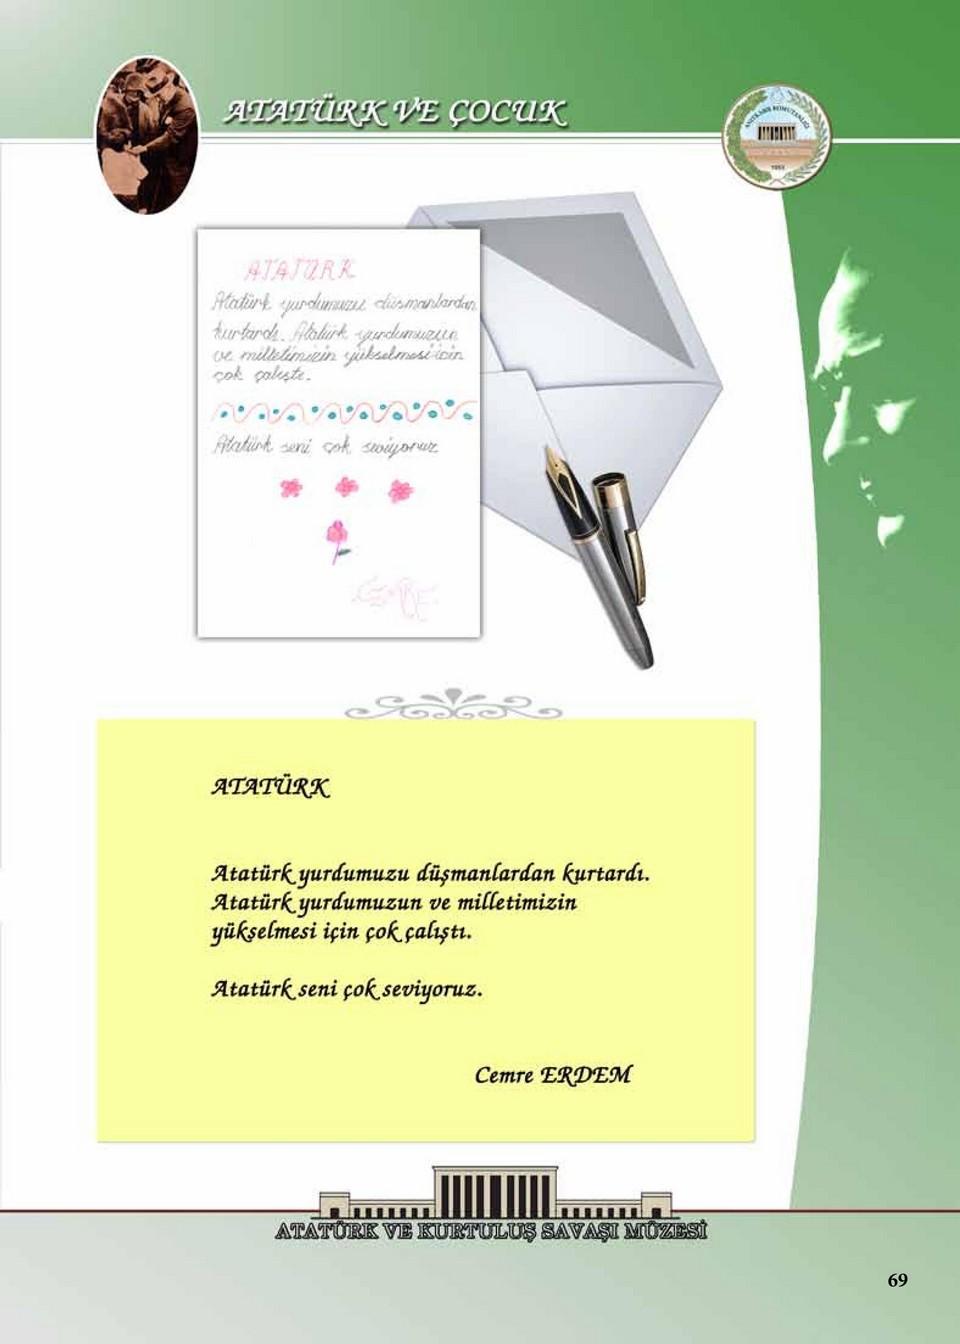 ataturkvecocuk-page-071